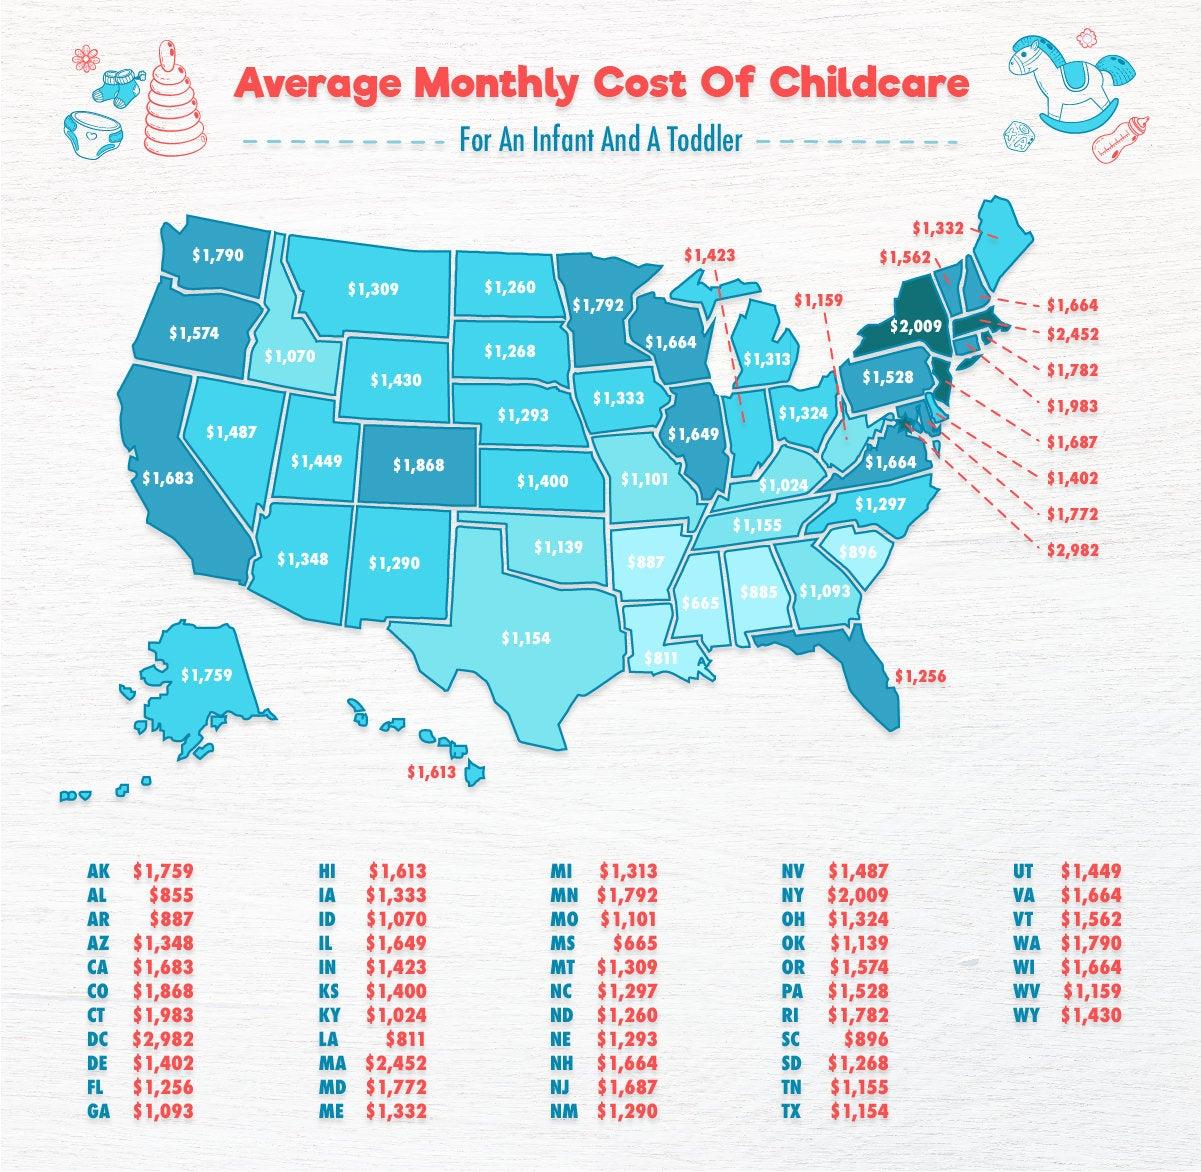 Costo mensual promedio de cuidado infantil y preescolar por estado